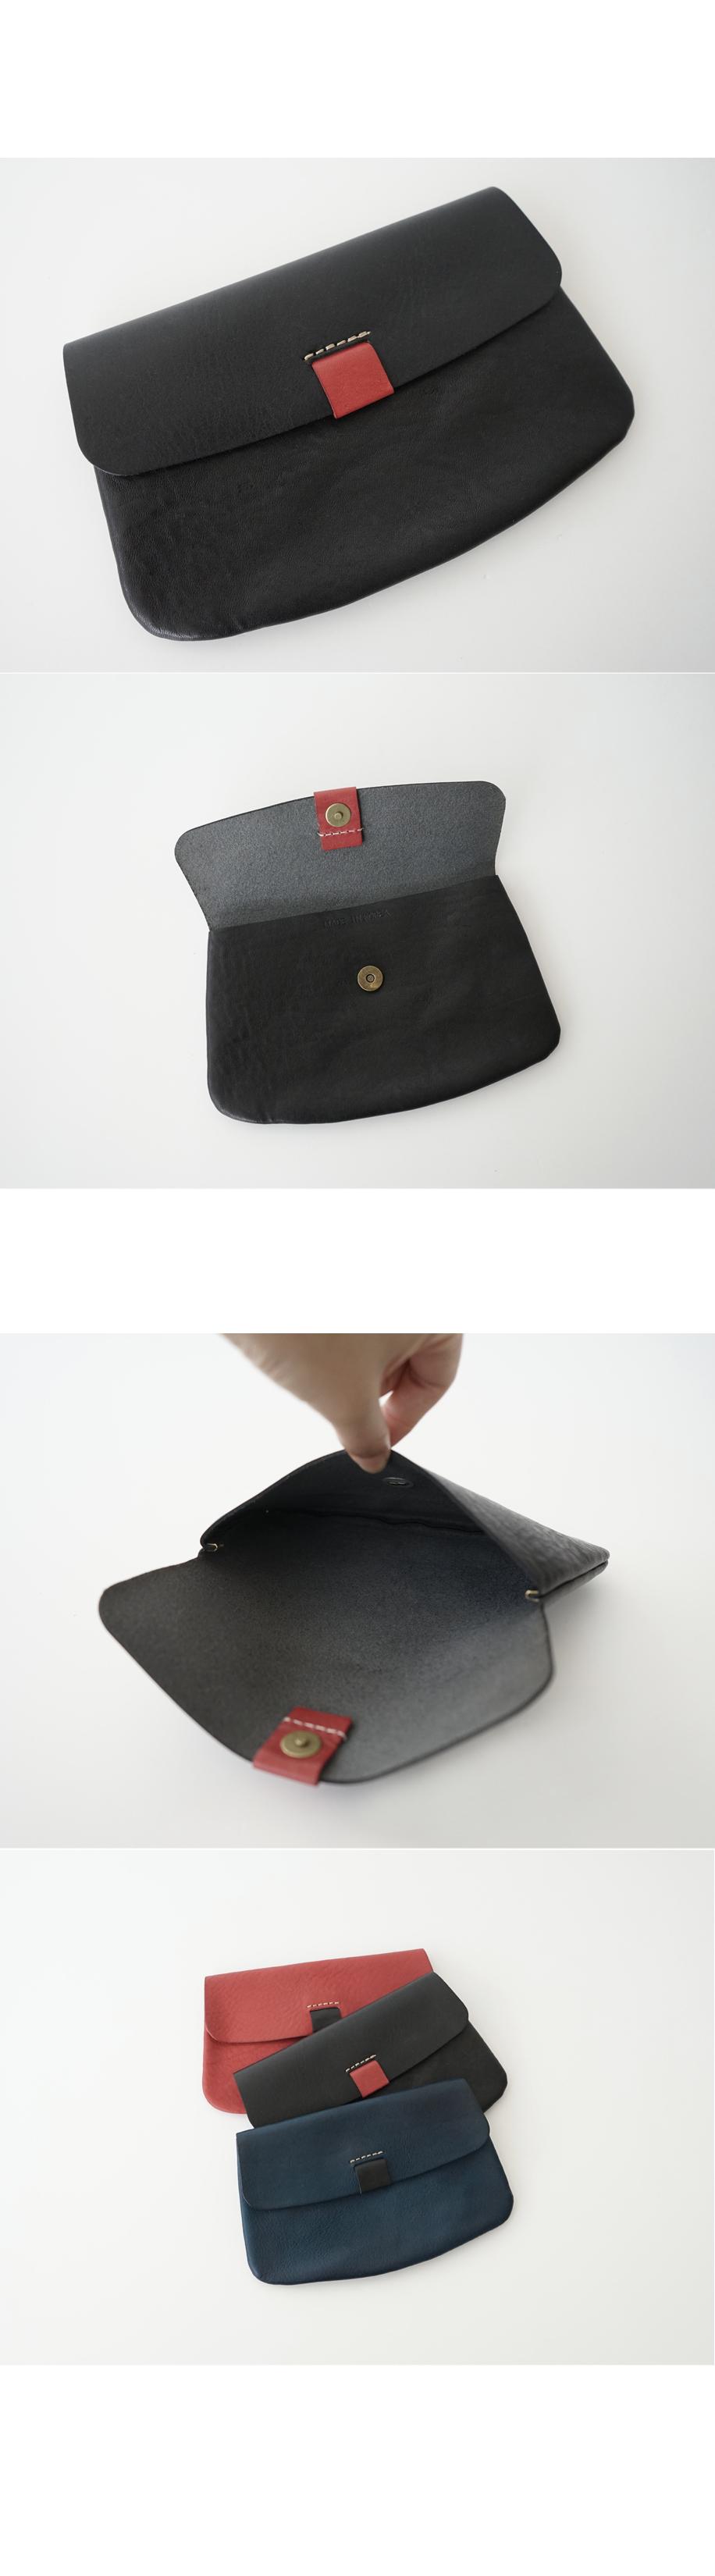 button pouch (3colors)